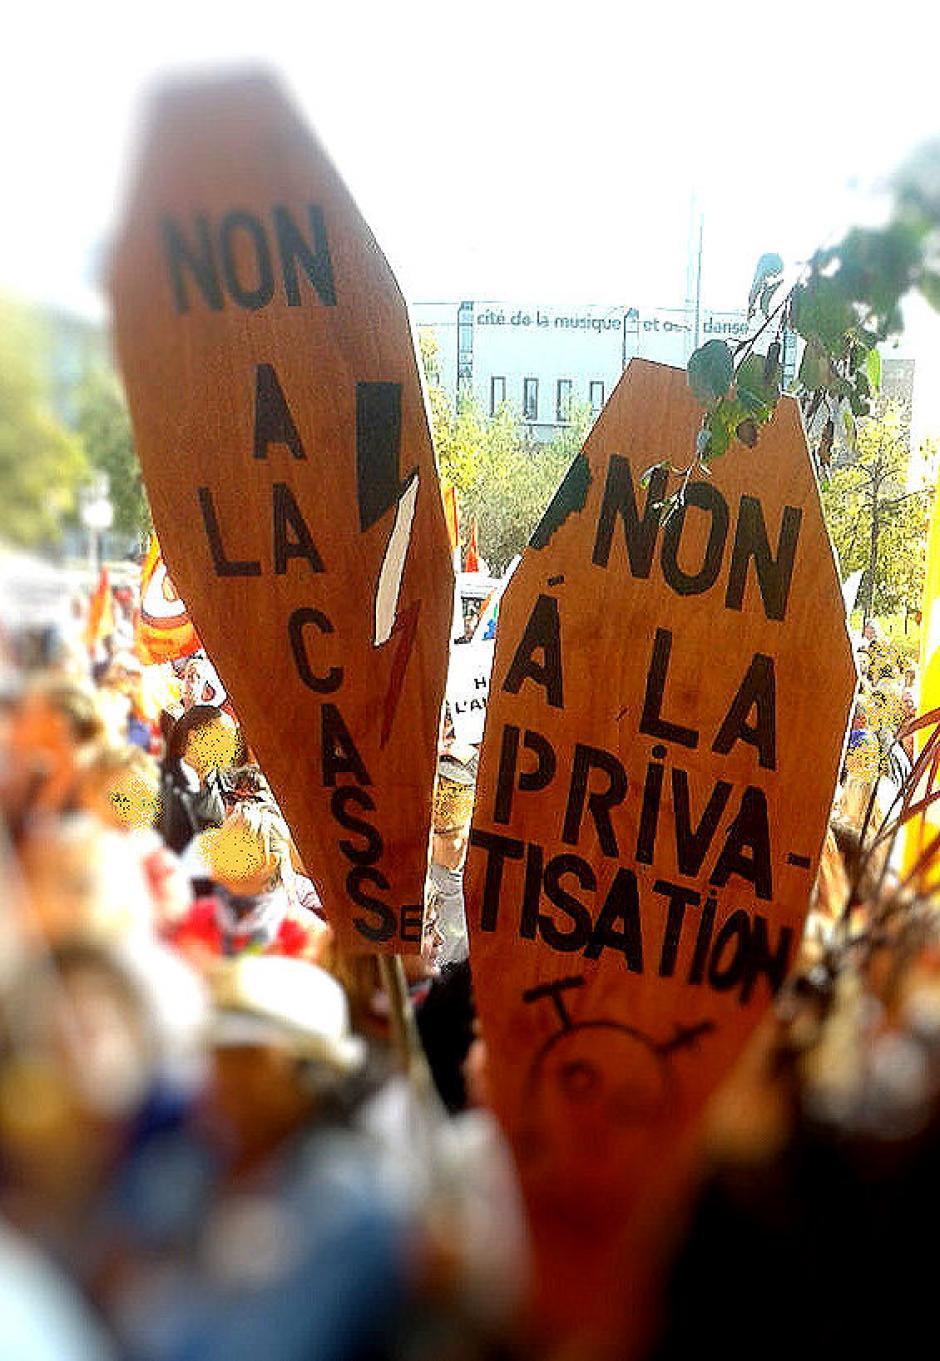 Les agents de la Communauté Urbaine de Strasbourg sont révoltés : ils ont mille fois raison ! D'autres choix politiques sont possibles